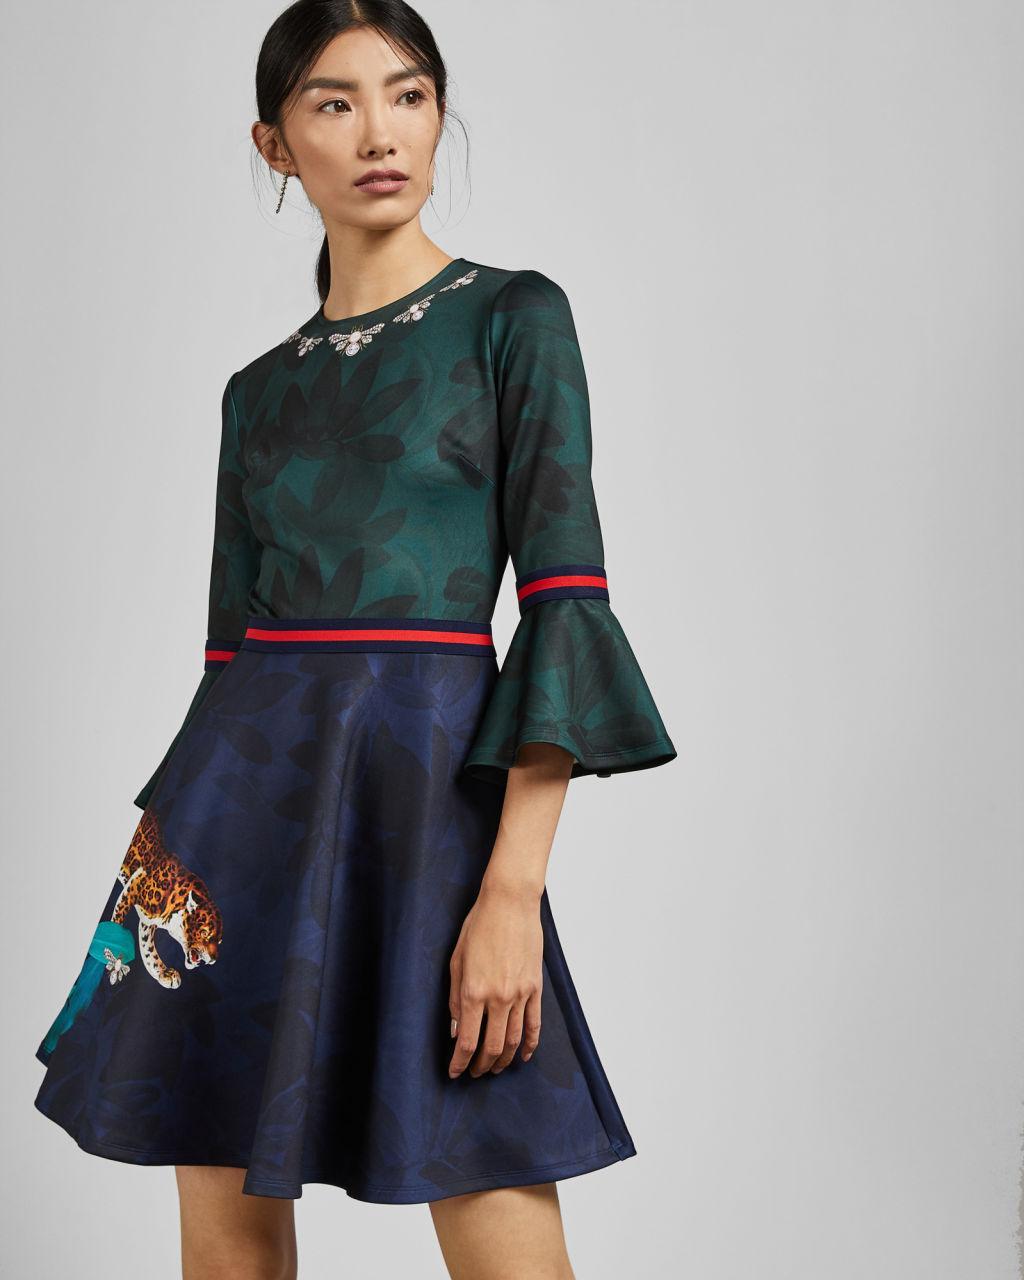 a15cf06aa13f3 Ted Baker EMILEEN Robe patineuse à imprimé Houdiini Bleu marine - Robe Femme  Ted Baker  (Mode) ... et d une jupe patineuse pour sublimer votre look.